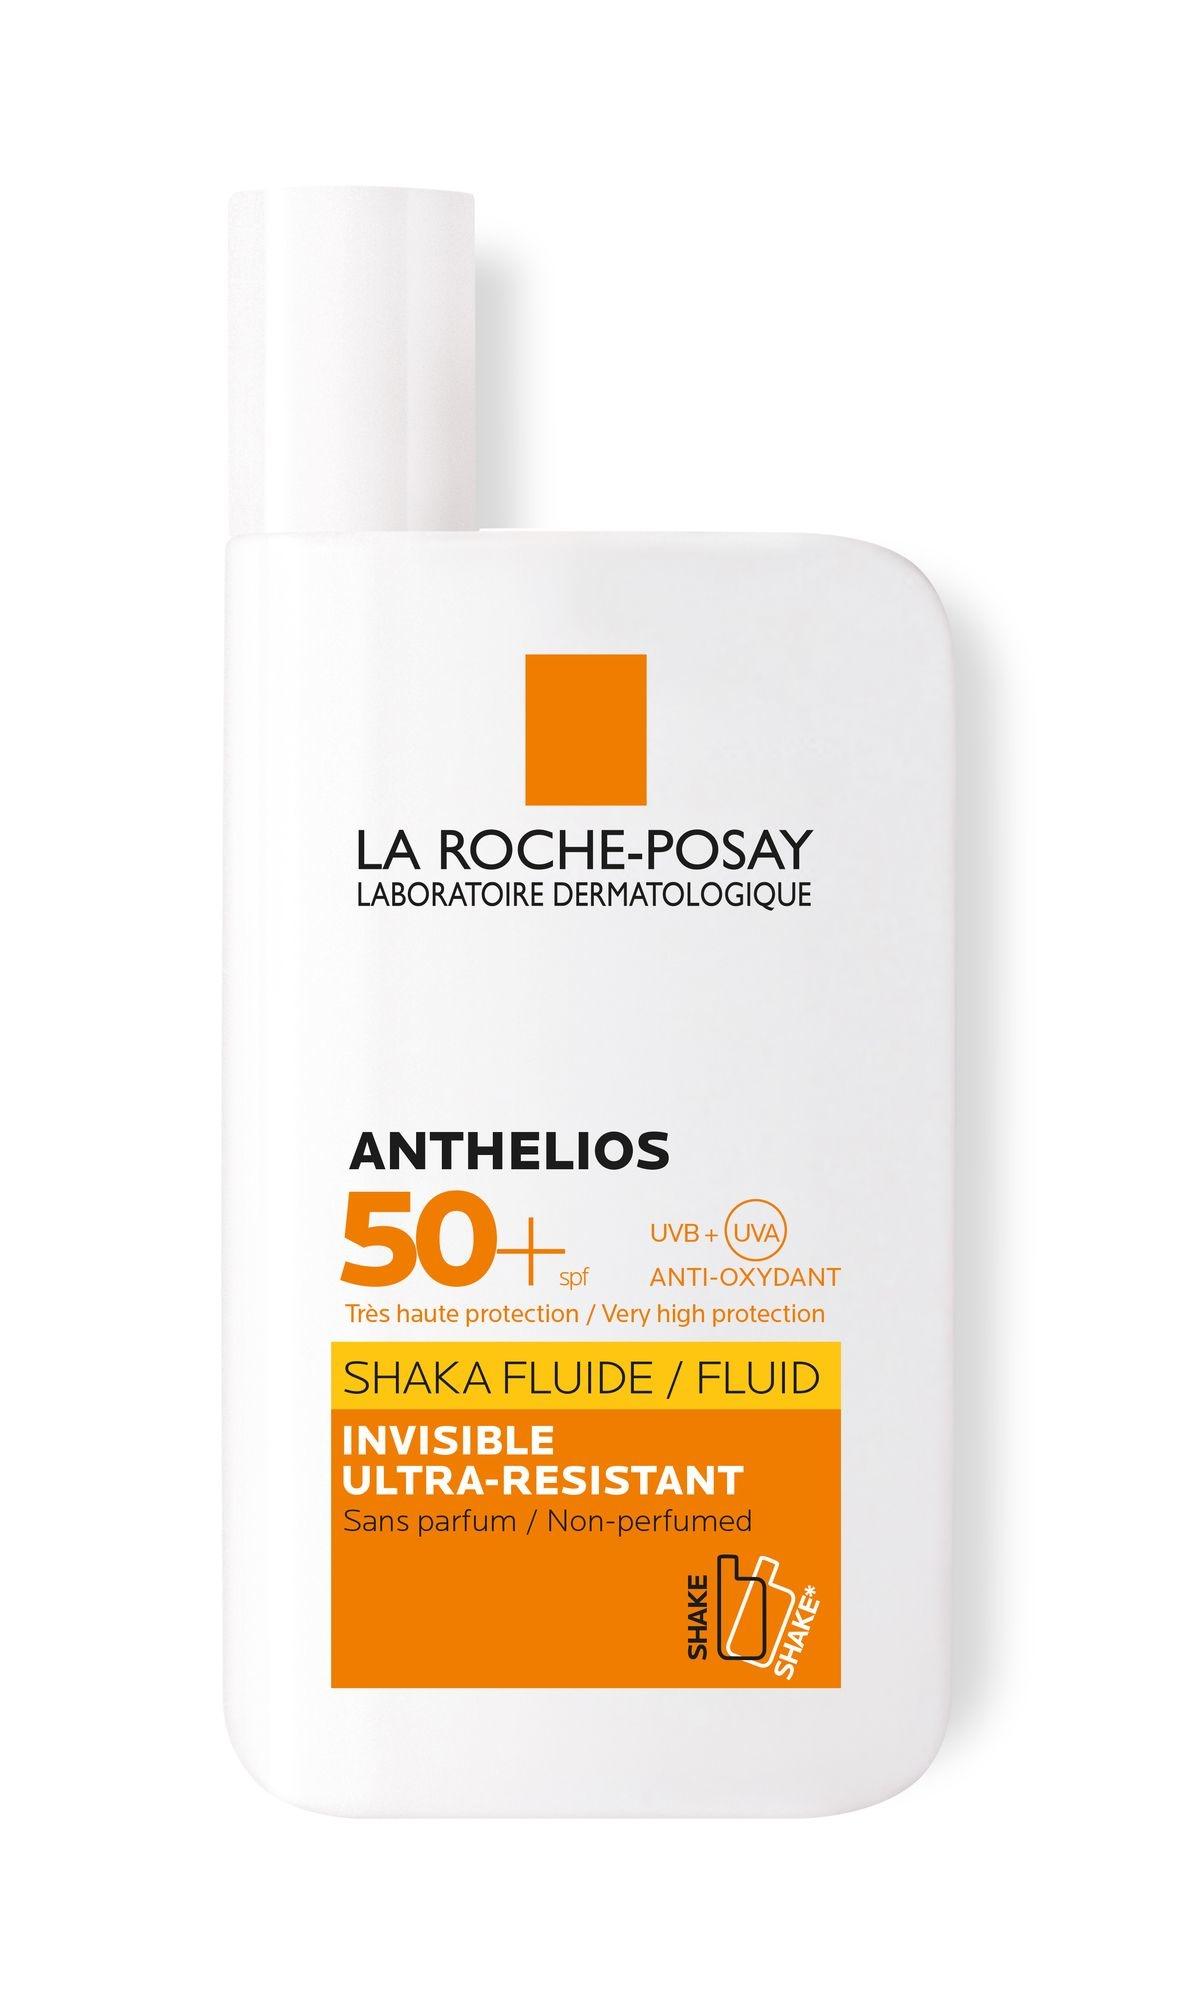 La Roche LA ROCHE POSEY Anthelios Shaka fluid SPF50 50ml